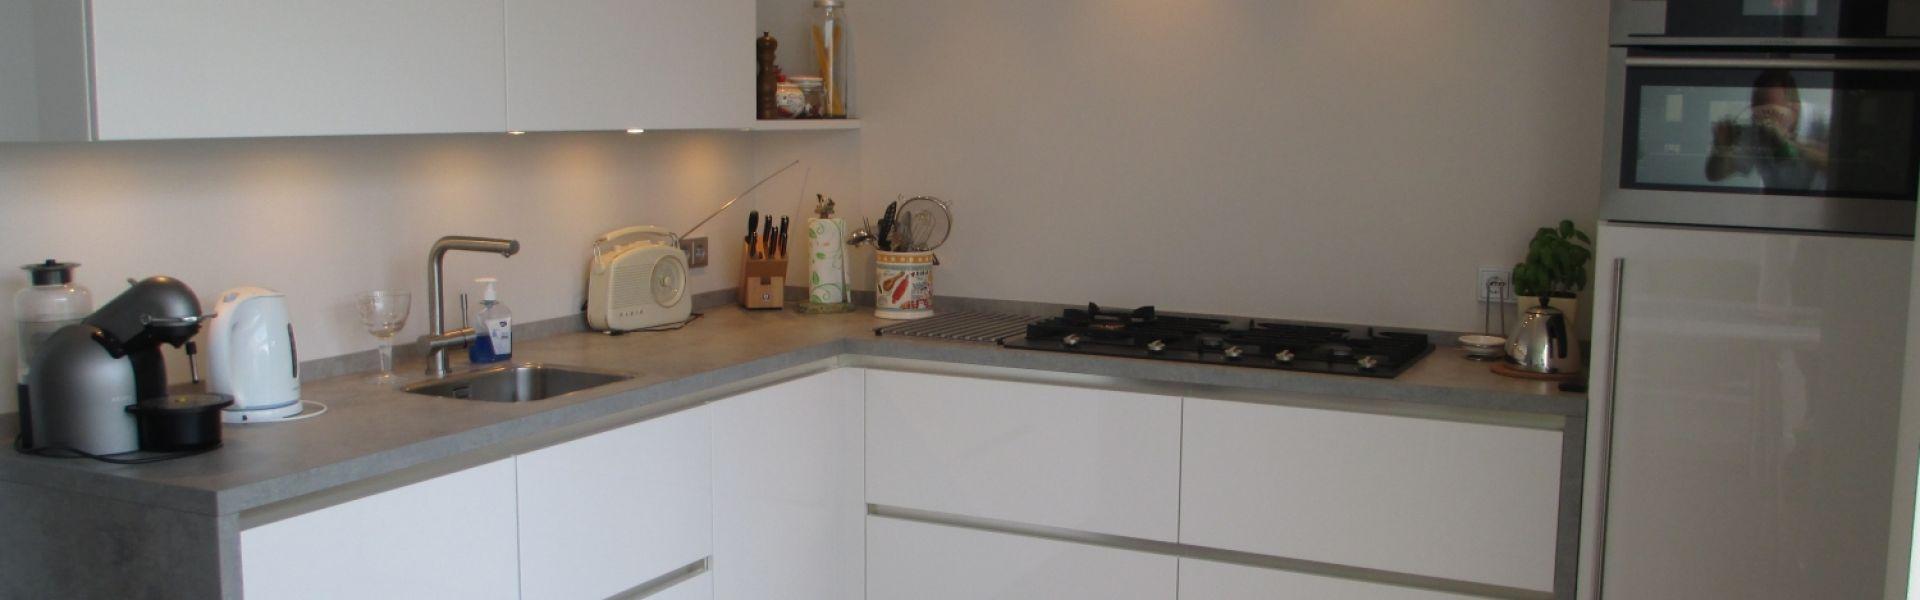 Nieuwe Keuken Bij Fam Van Beek Baarlo Verhaegen Keukens